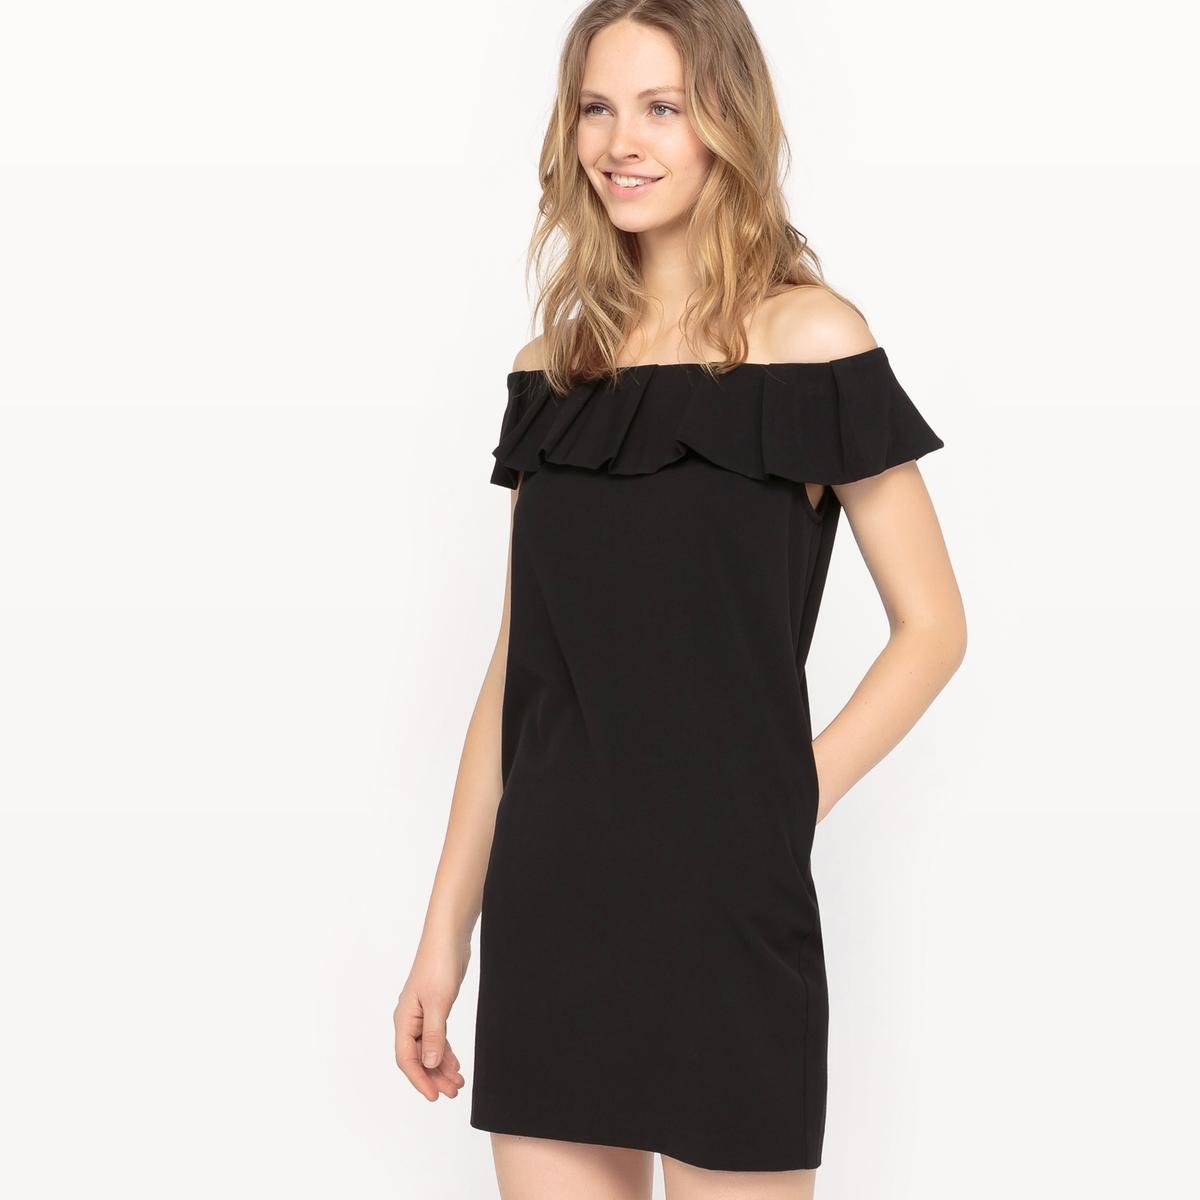 Платье с открытыми плечами и воланамиДетали  •  Форма :прямая •  Укороченная модель •  Короткие рукава    •  Без воротникаСостав и уход •  25% вискозы, 3% эластана, 72% полиэстера •  Подкладка:100% хлопок •  Следуйте советам по уходу, указанным на этикетке<br><br>Цвет: черный<br>Размер: M